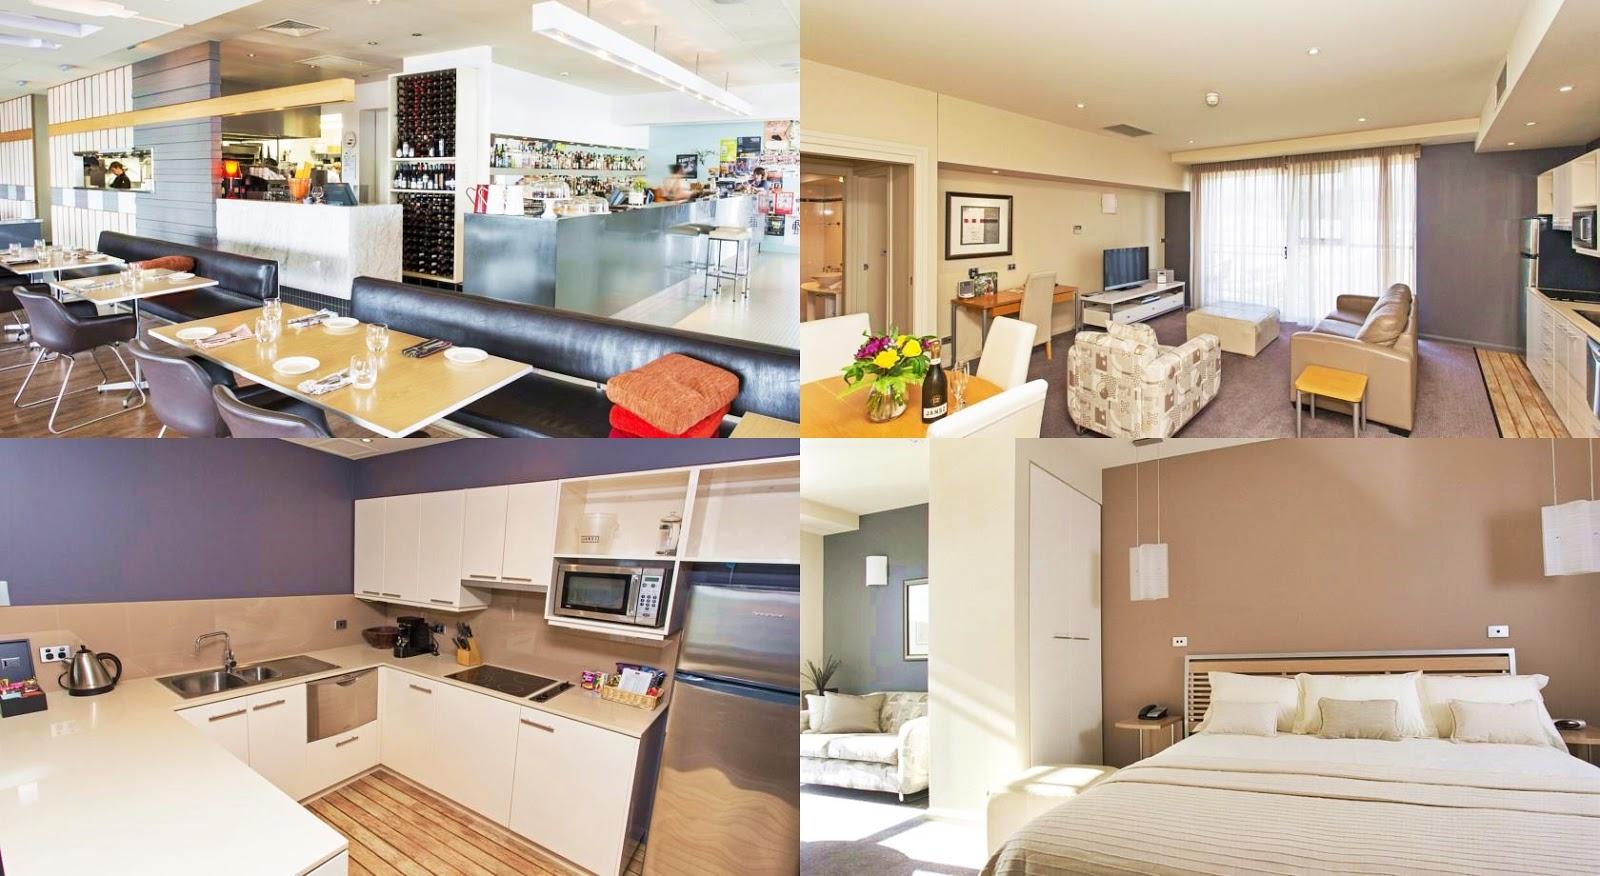 塔斯馬尼亞-住宿-推薦-琵琶斯海港酒店-Peppers-Seaport-旅館-飯店-酒店-民宿-公寓-澳洲-Tasmania-Hotel-Apartment-Accommodation-Australia